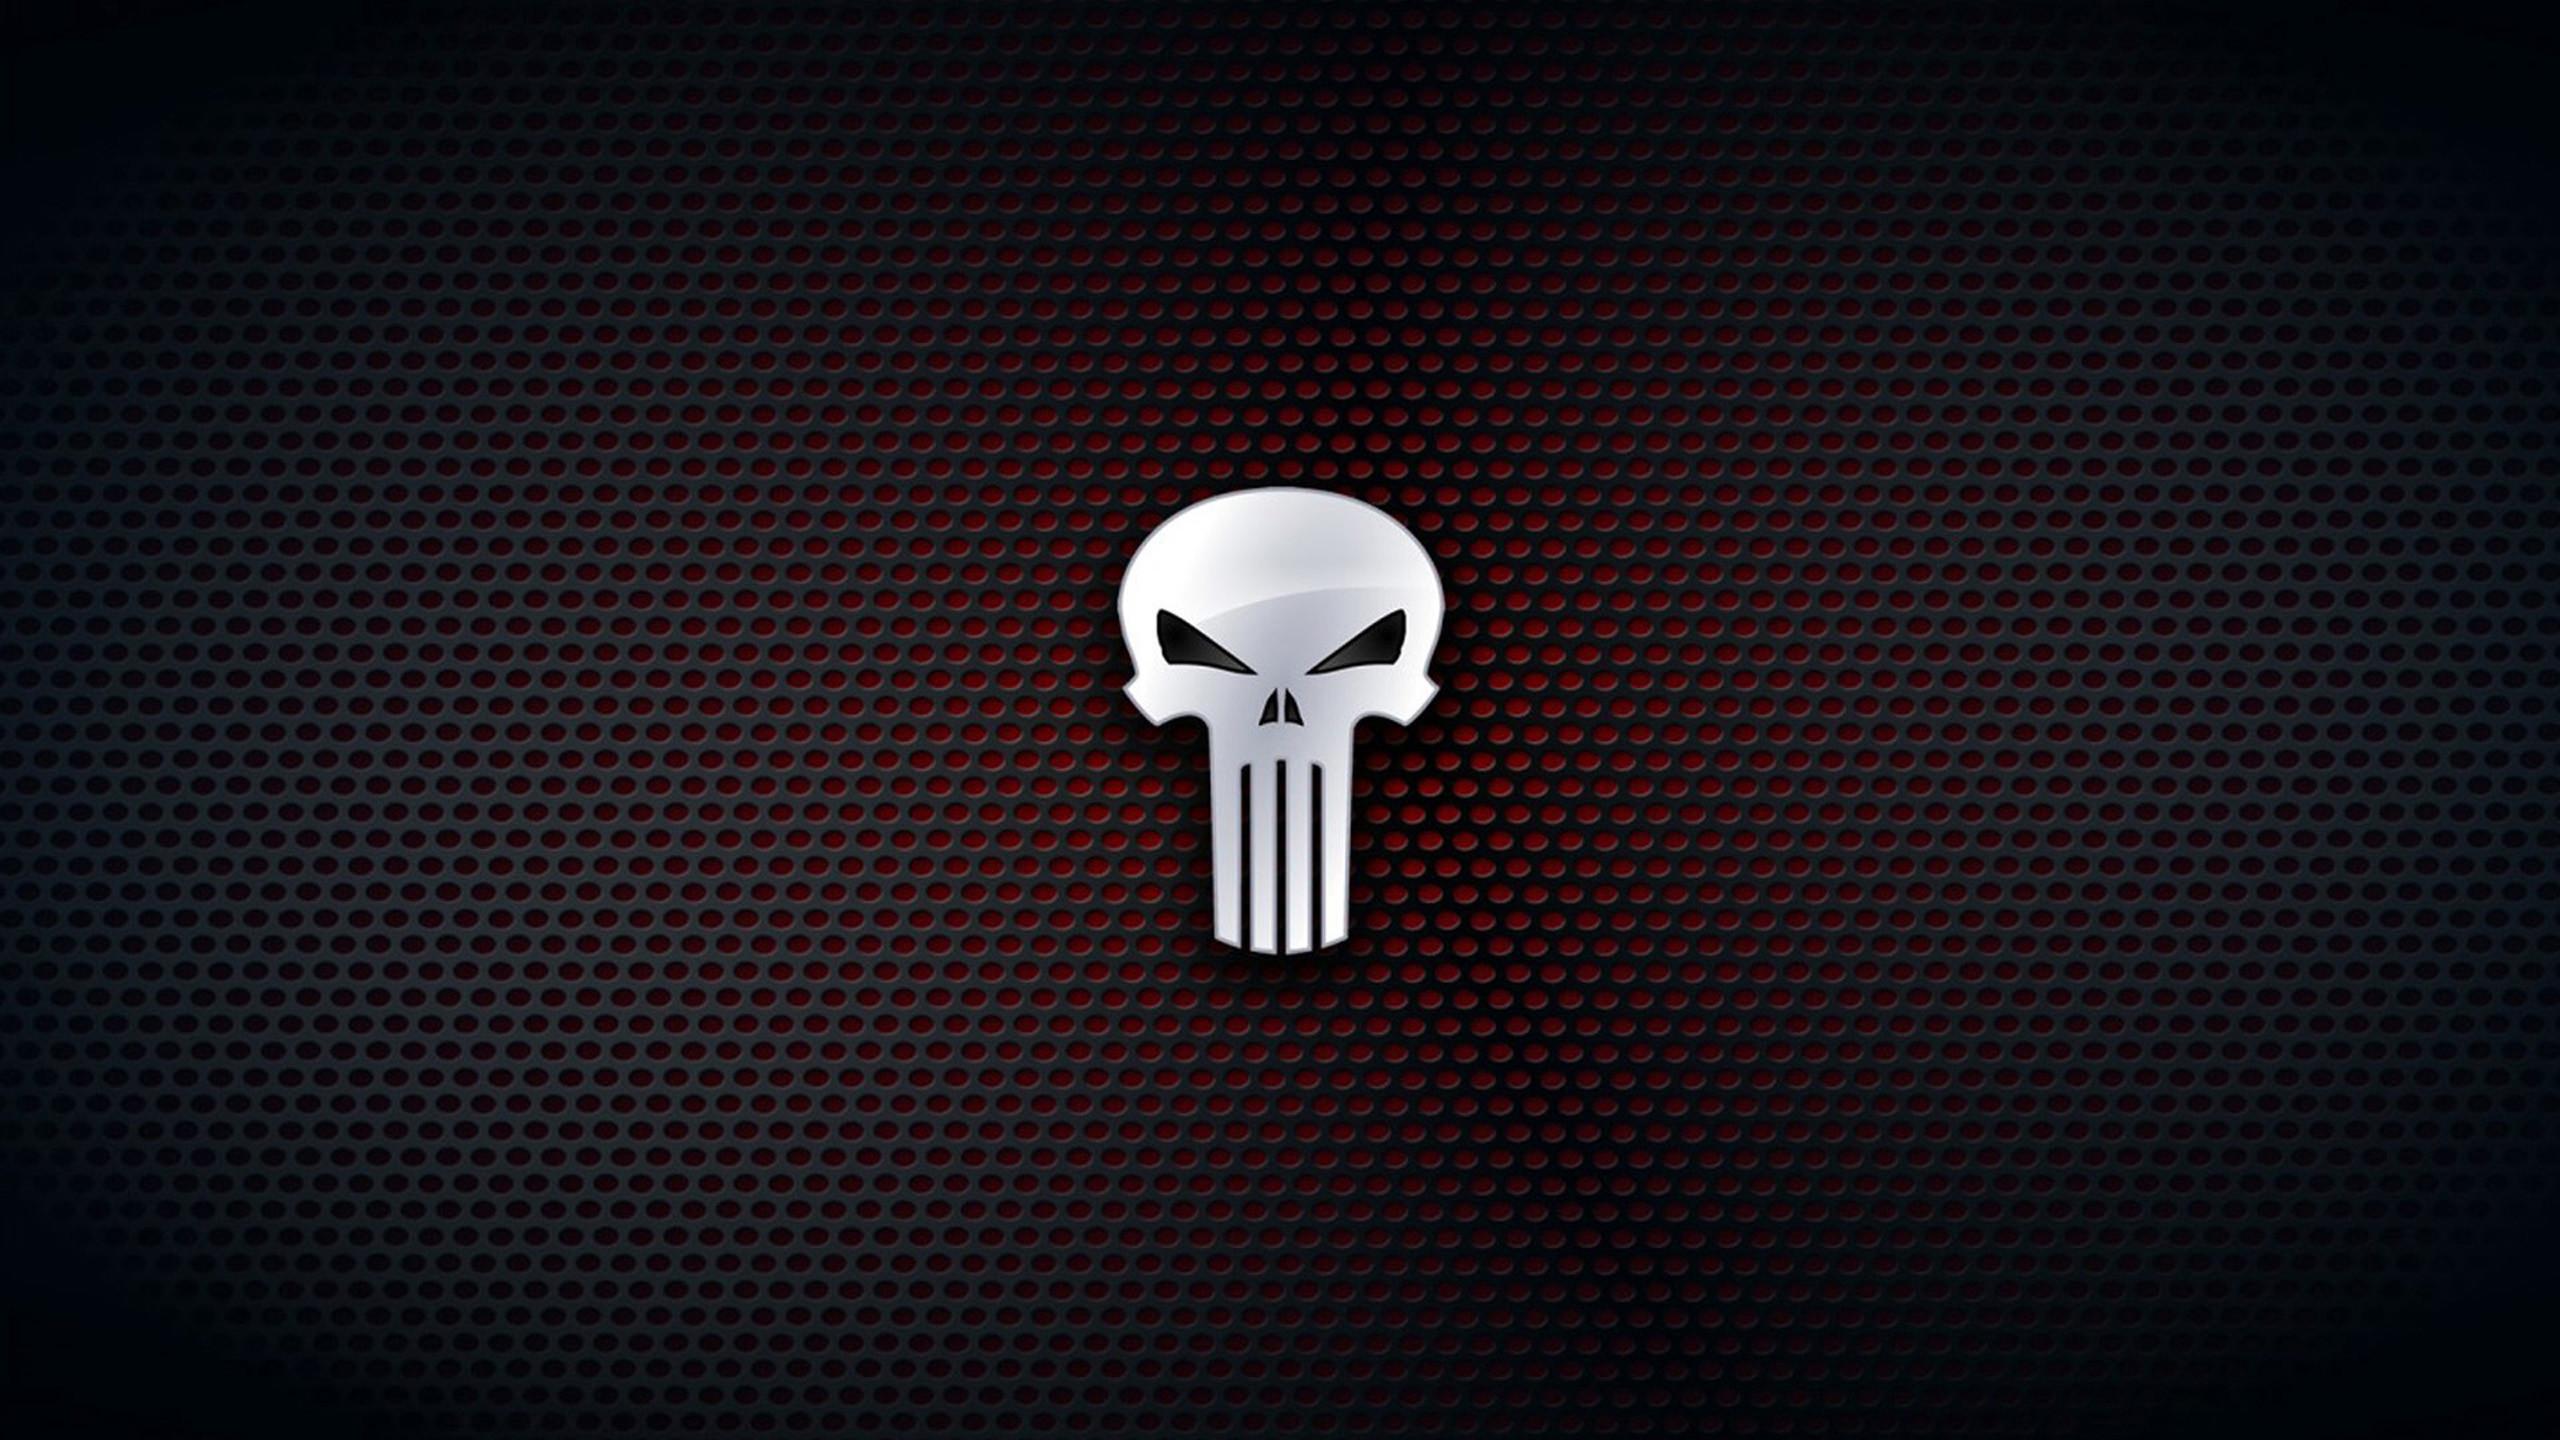 The Punisher Skull Wallpaper ·①